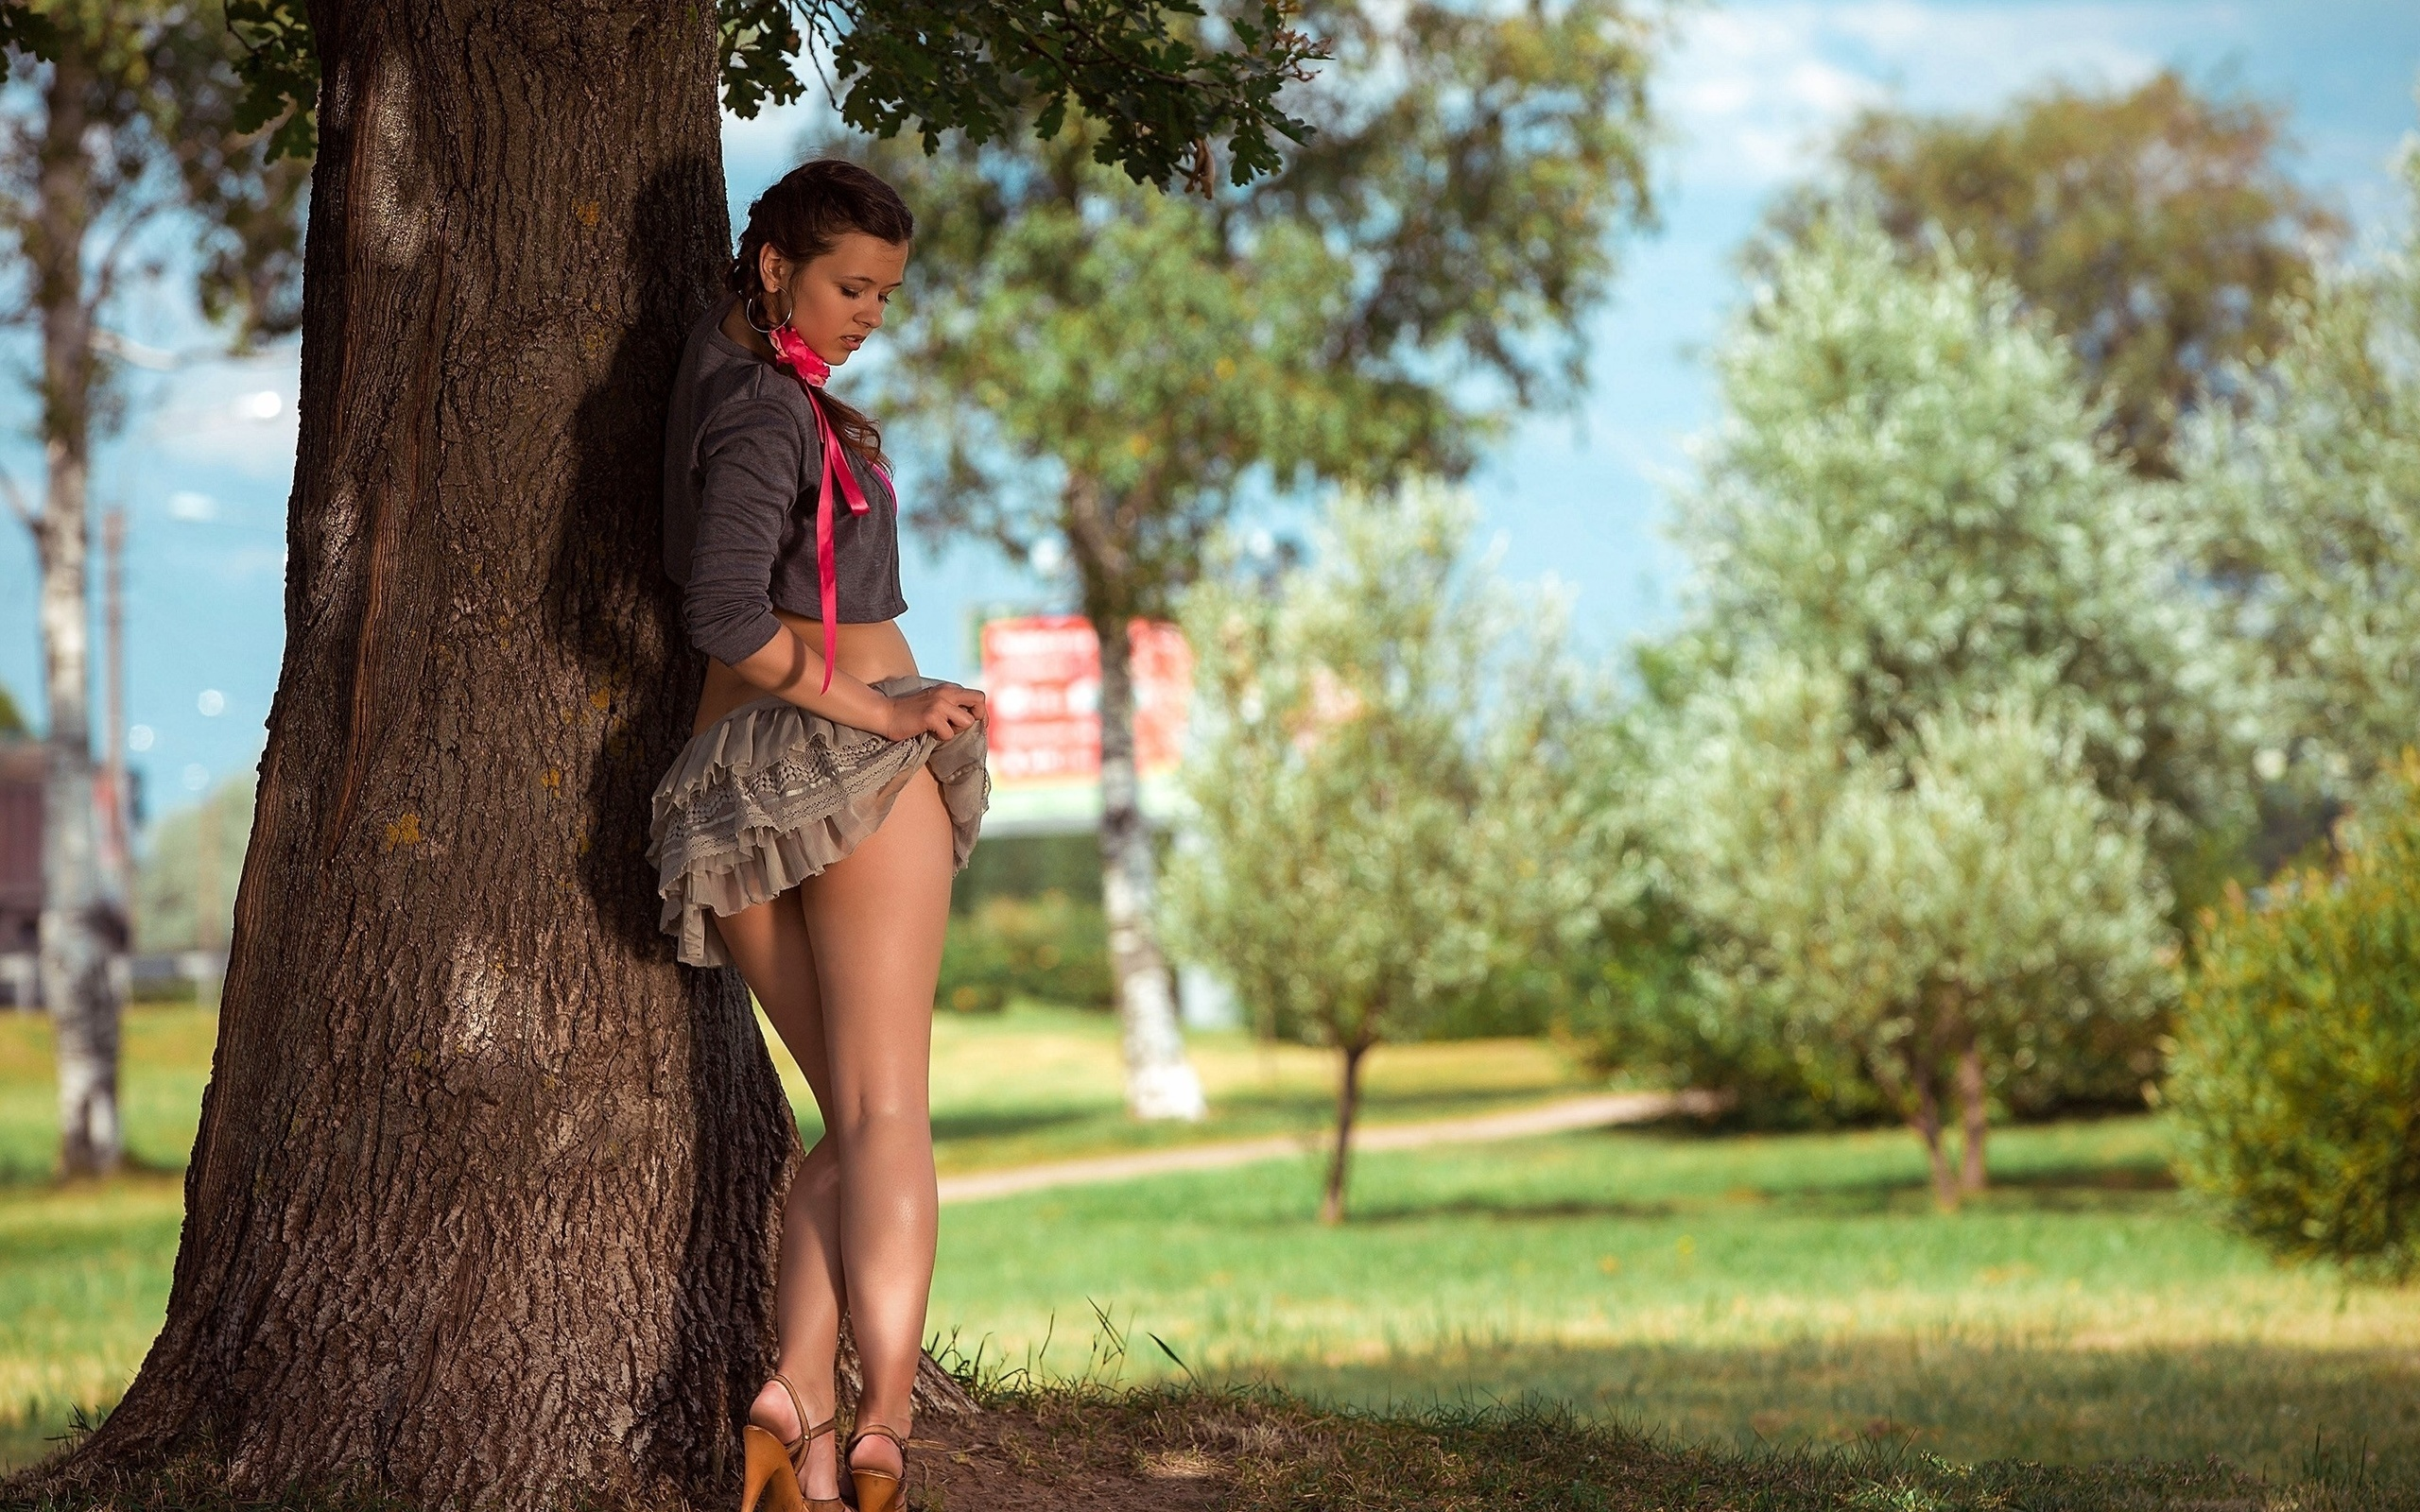 телочки голые в парке трахаются фото девушка